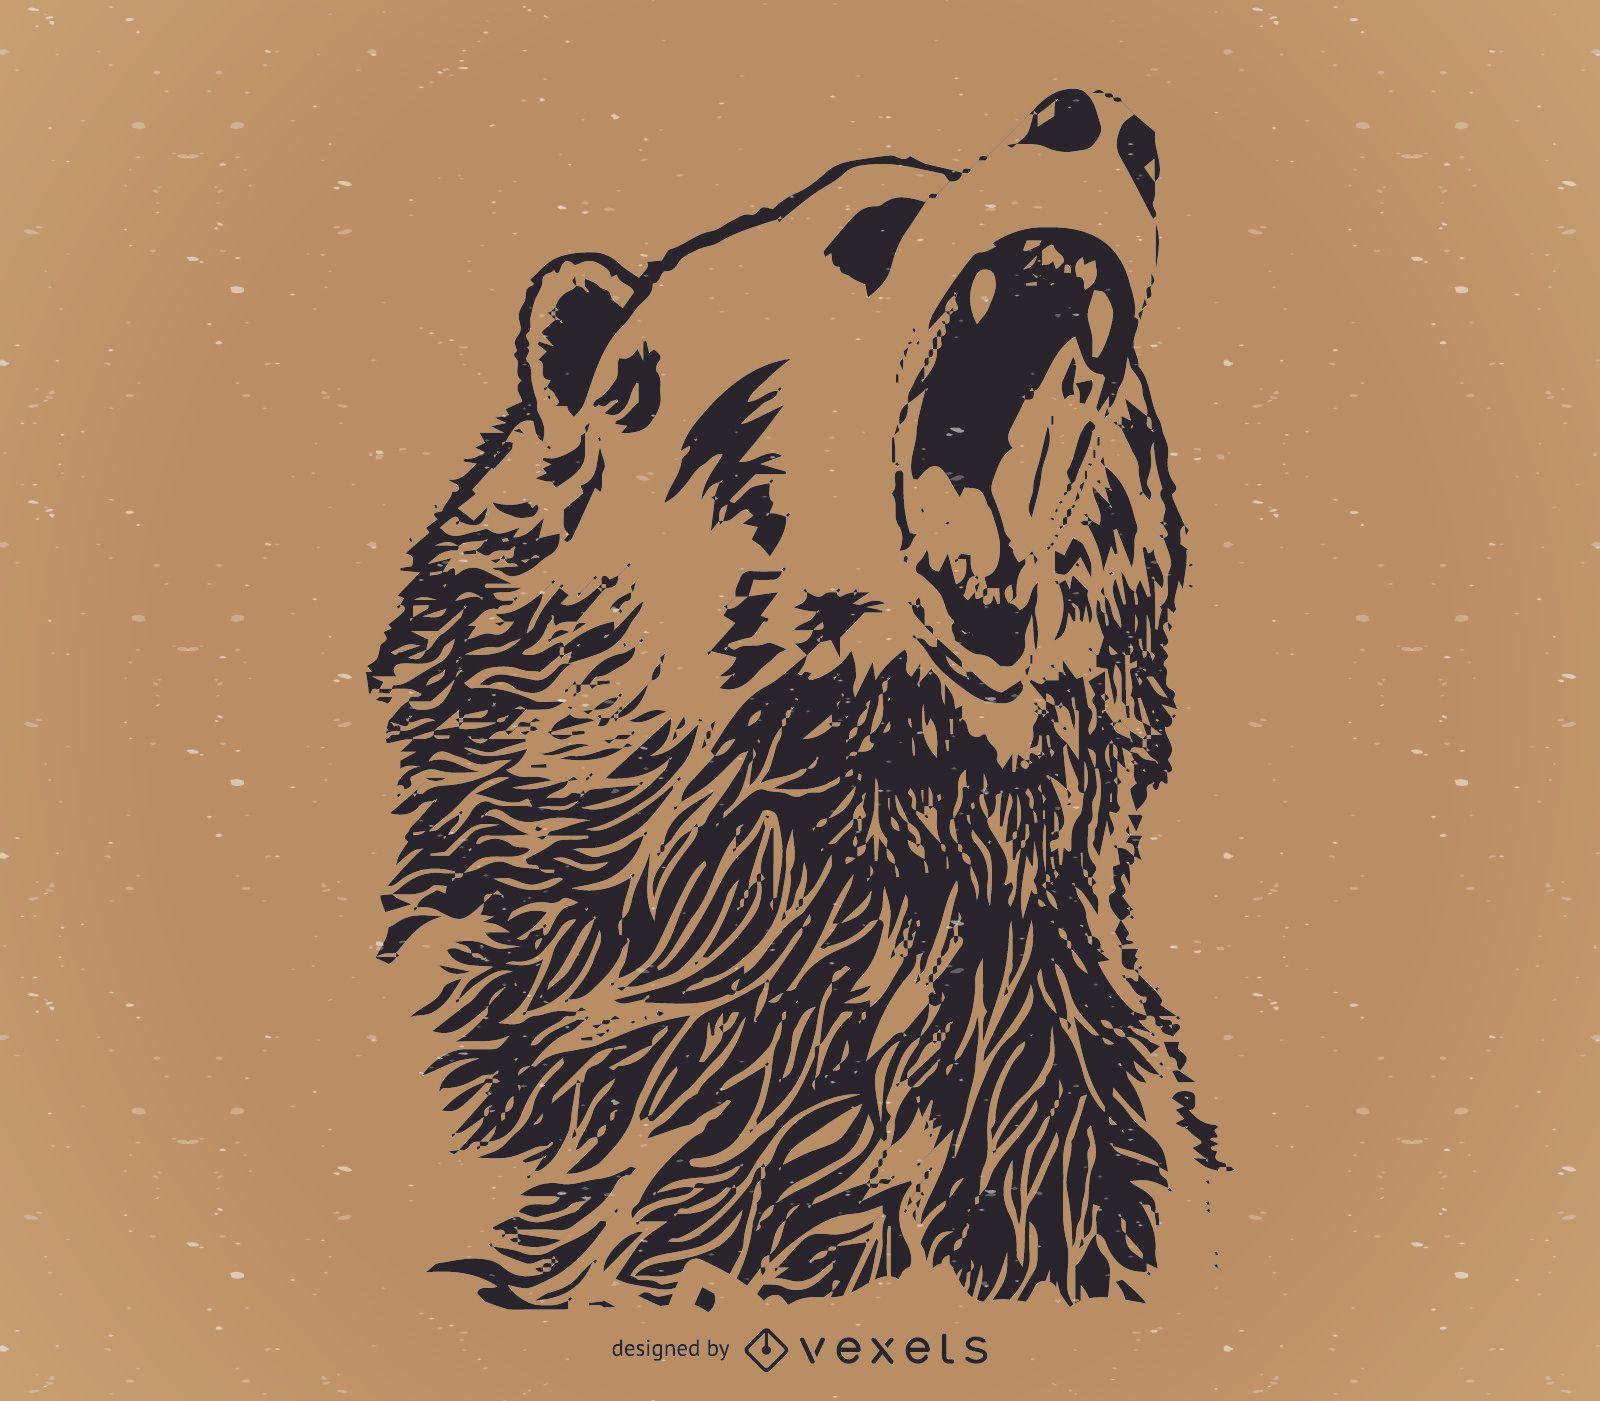 Howling bear design